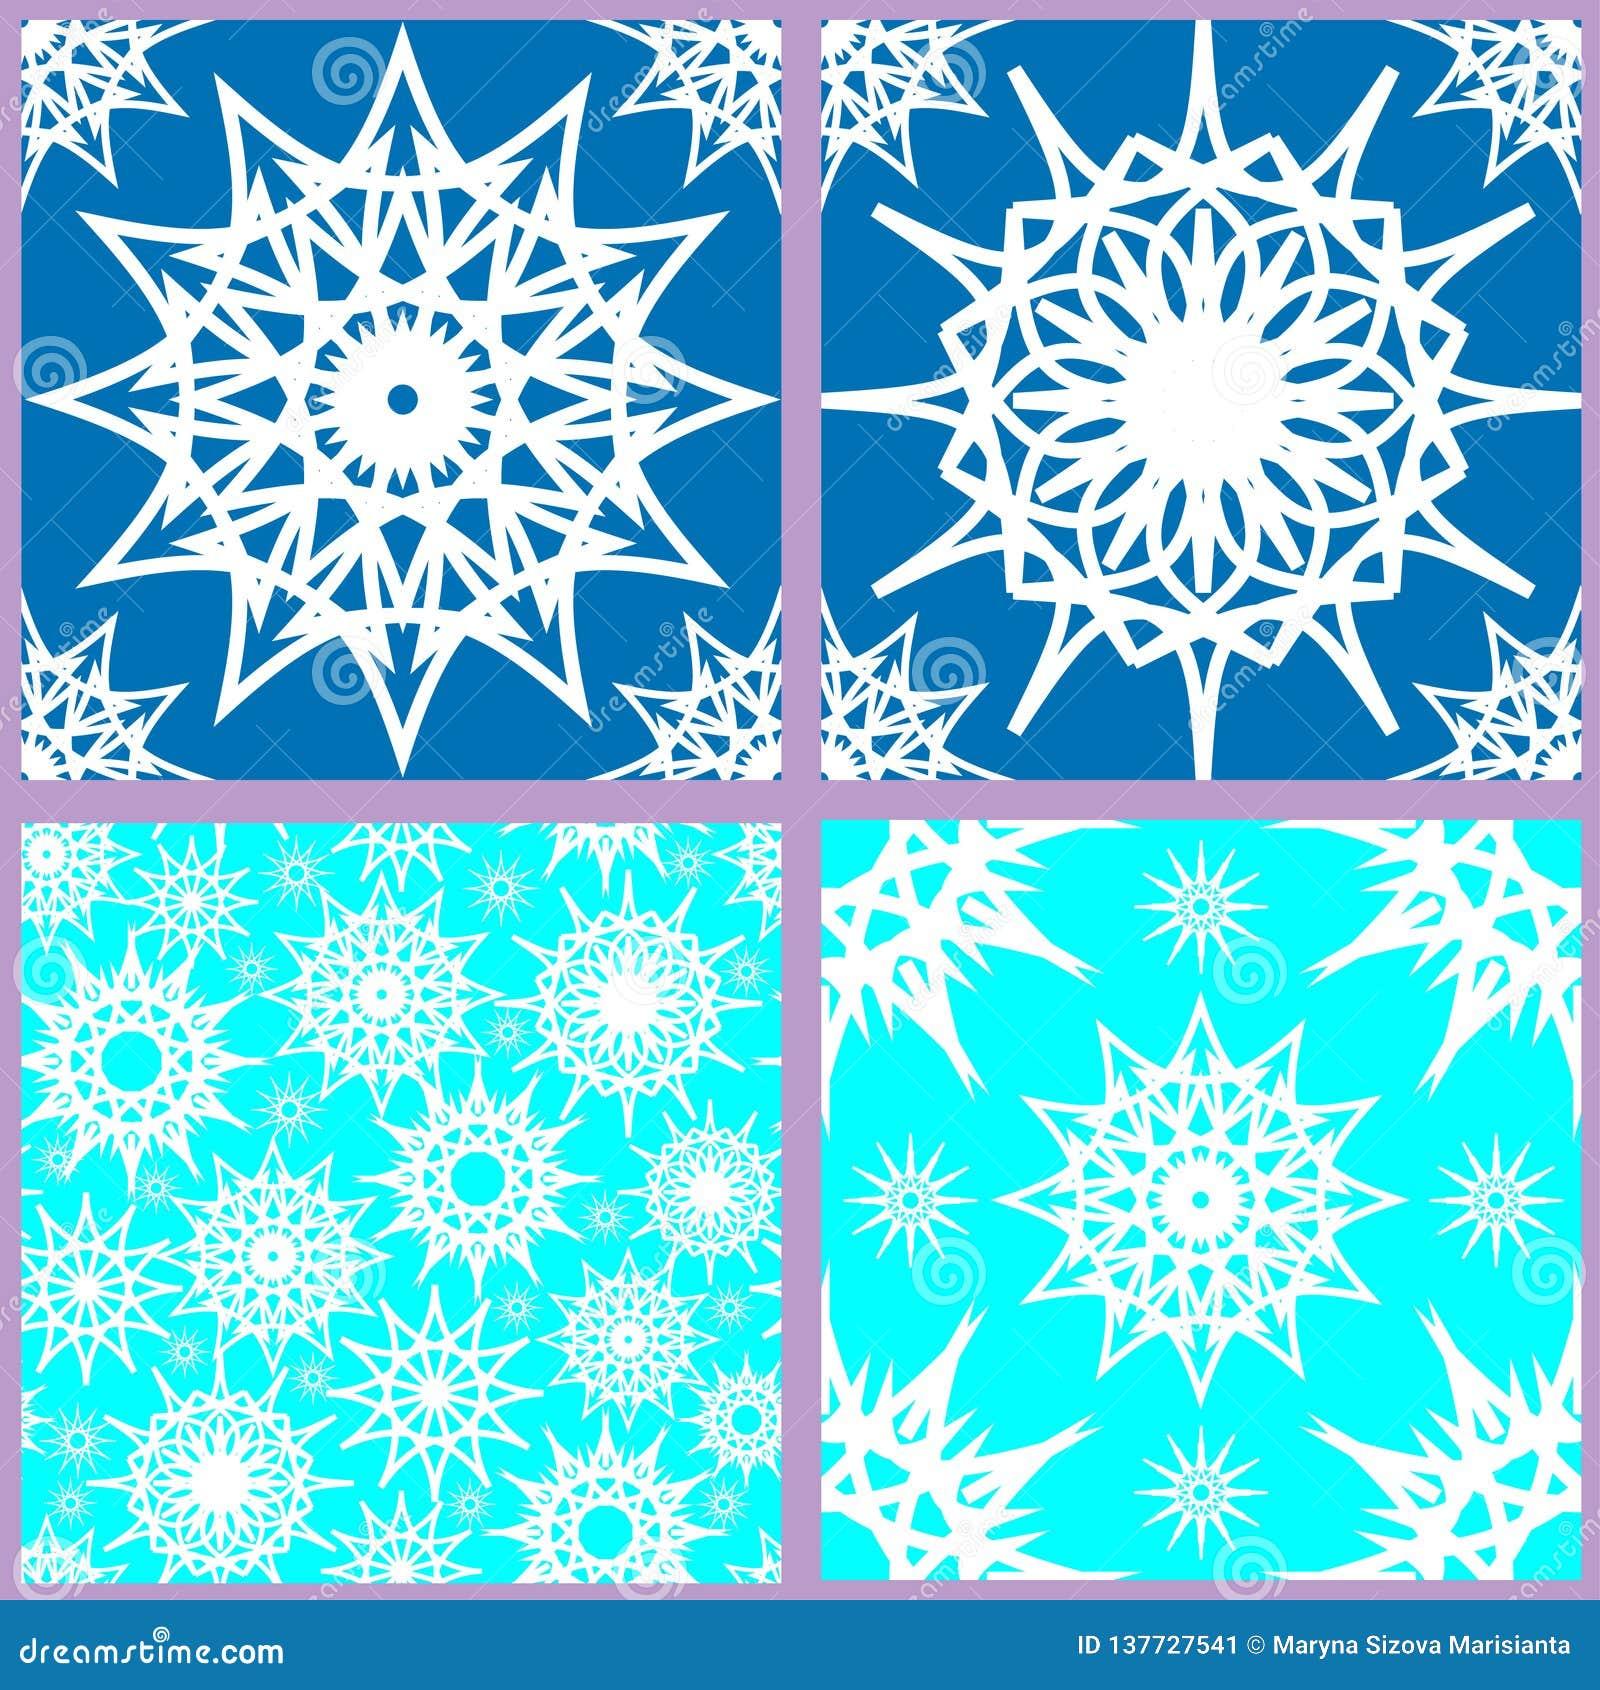 Σύνολο άνευ ραφής snowflake σχεδίων